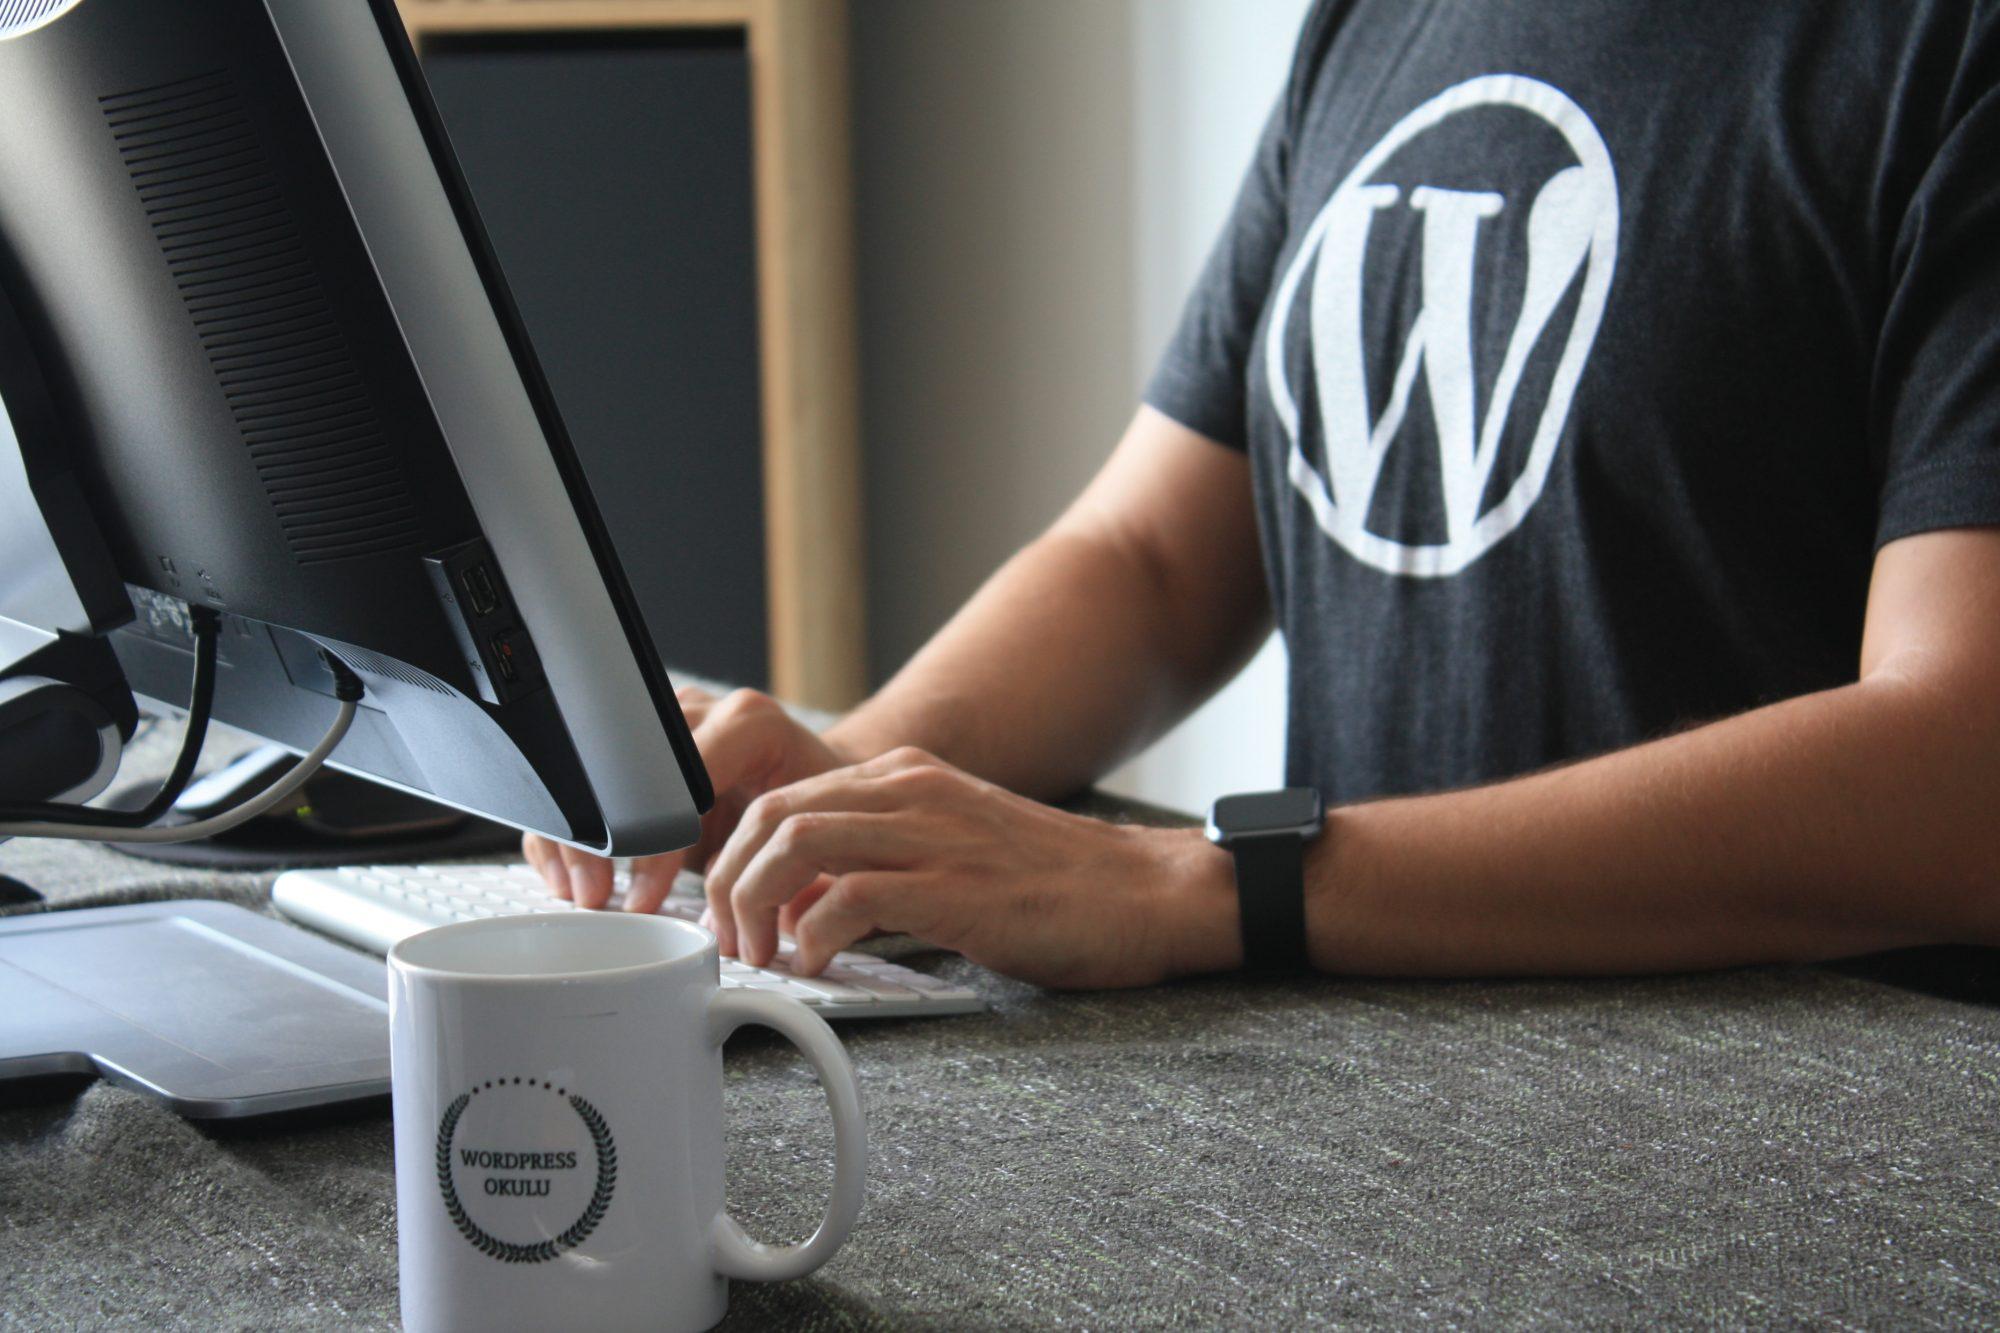 Alinoa est une agence web spécialisée en développement WordPress